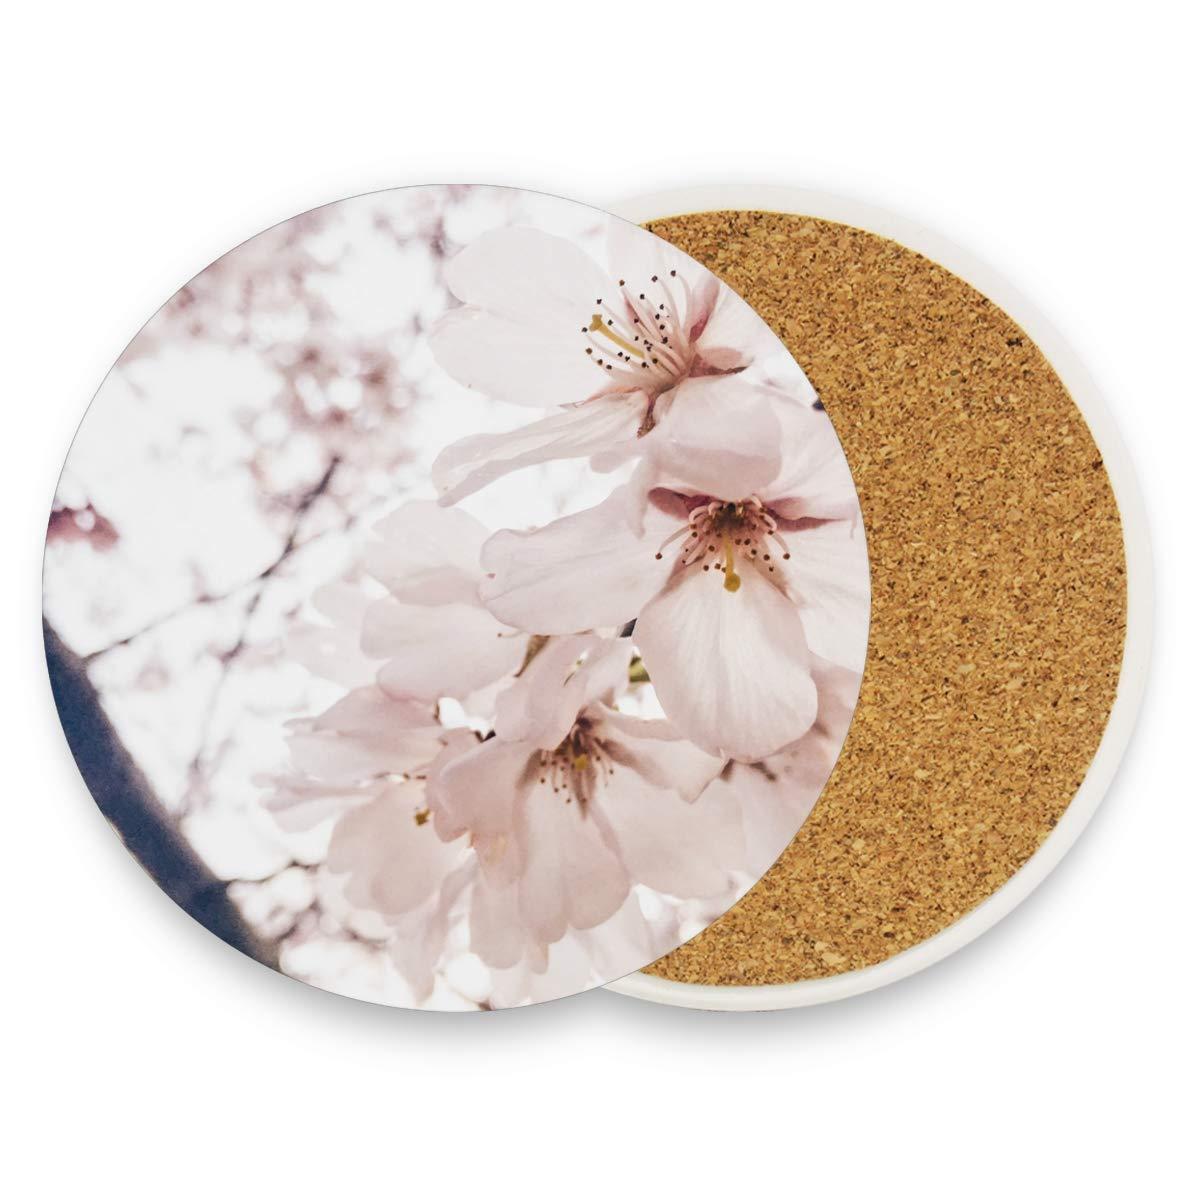 MALPLENA Dessous de Verre Sakura Transparent Taille L 8,9 cm Convient à toutes les tasses Maison Cuisine Décoration Idée Cadeau, Bois, 1, 4 pieces set